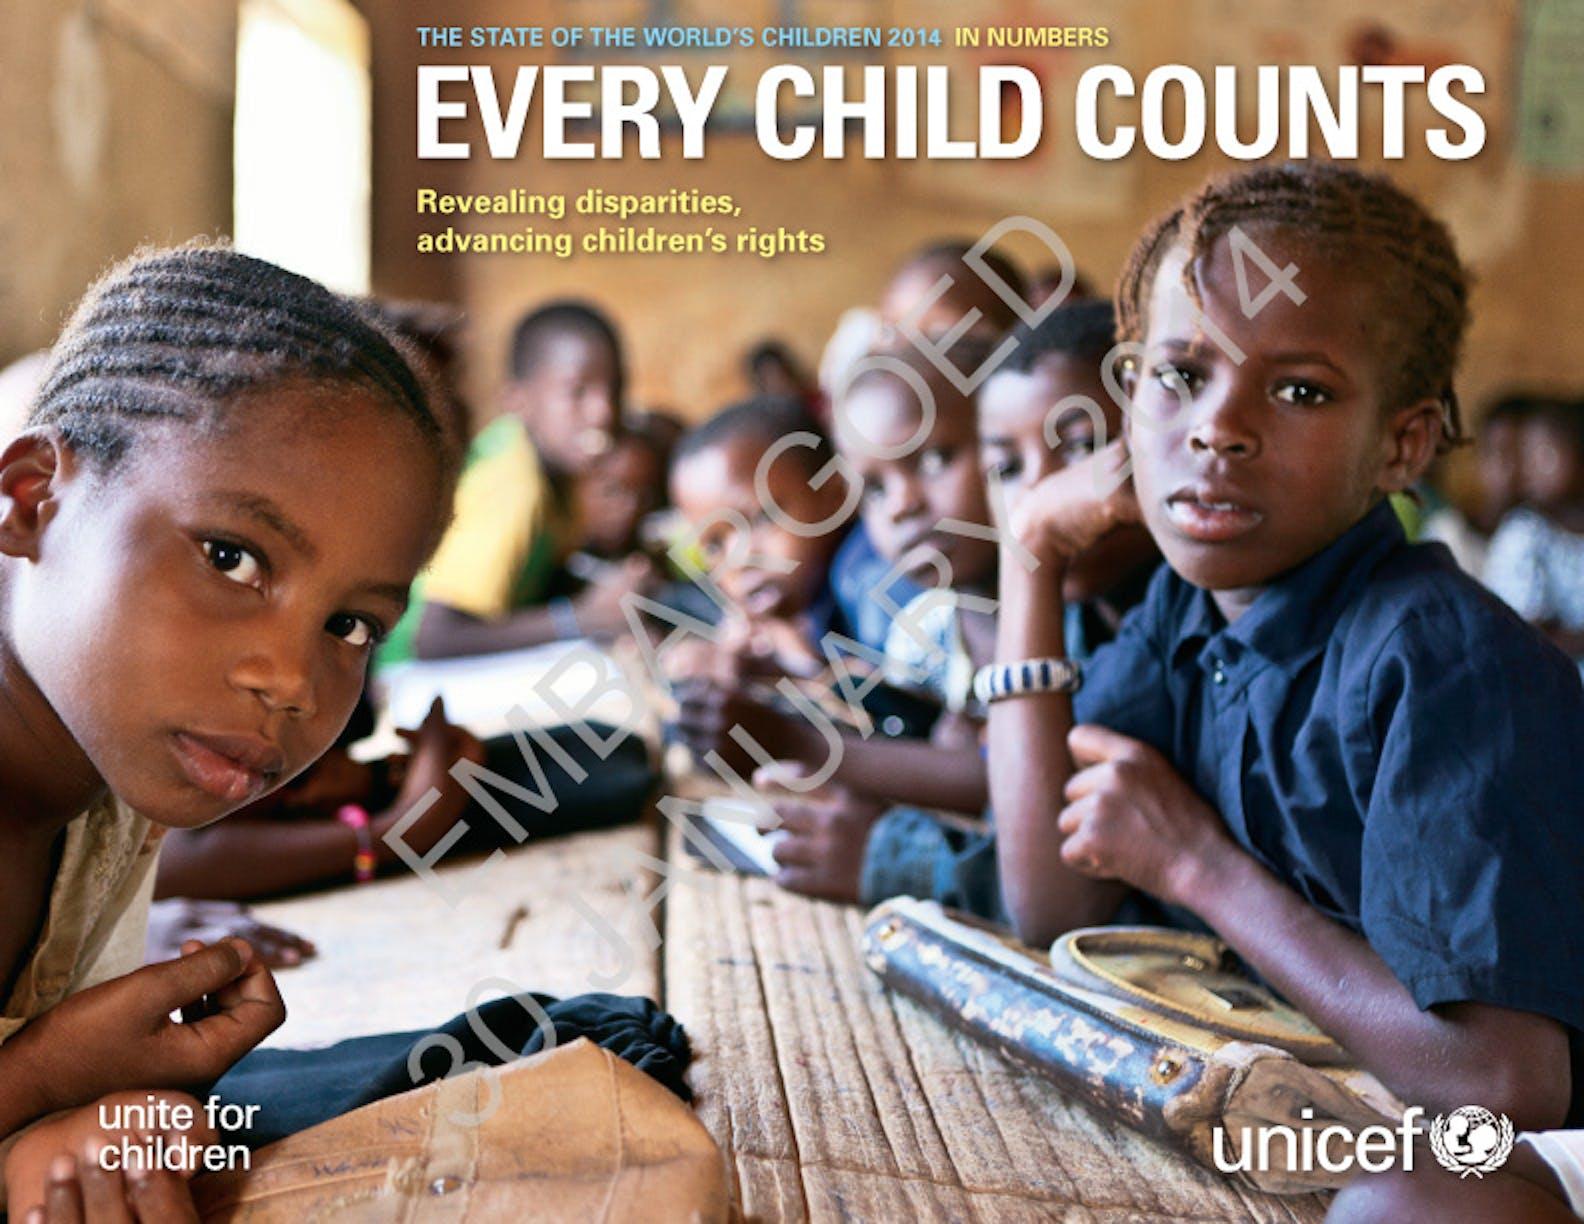 La Condizione dell'infanzia nel mondo 2014